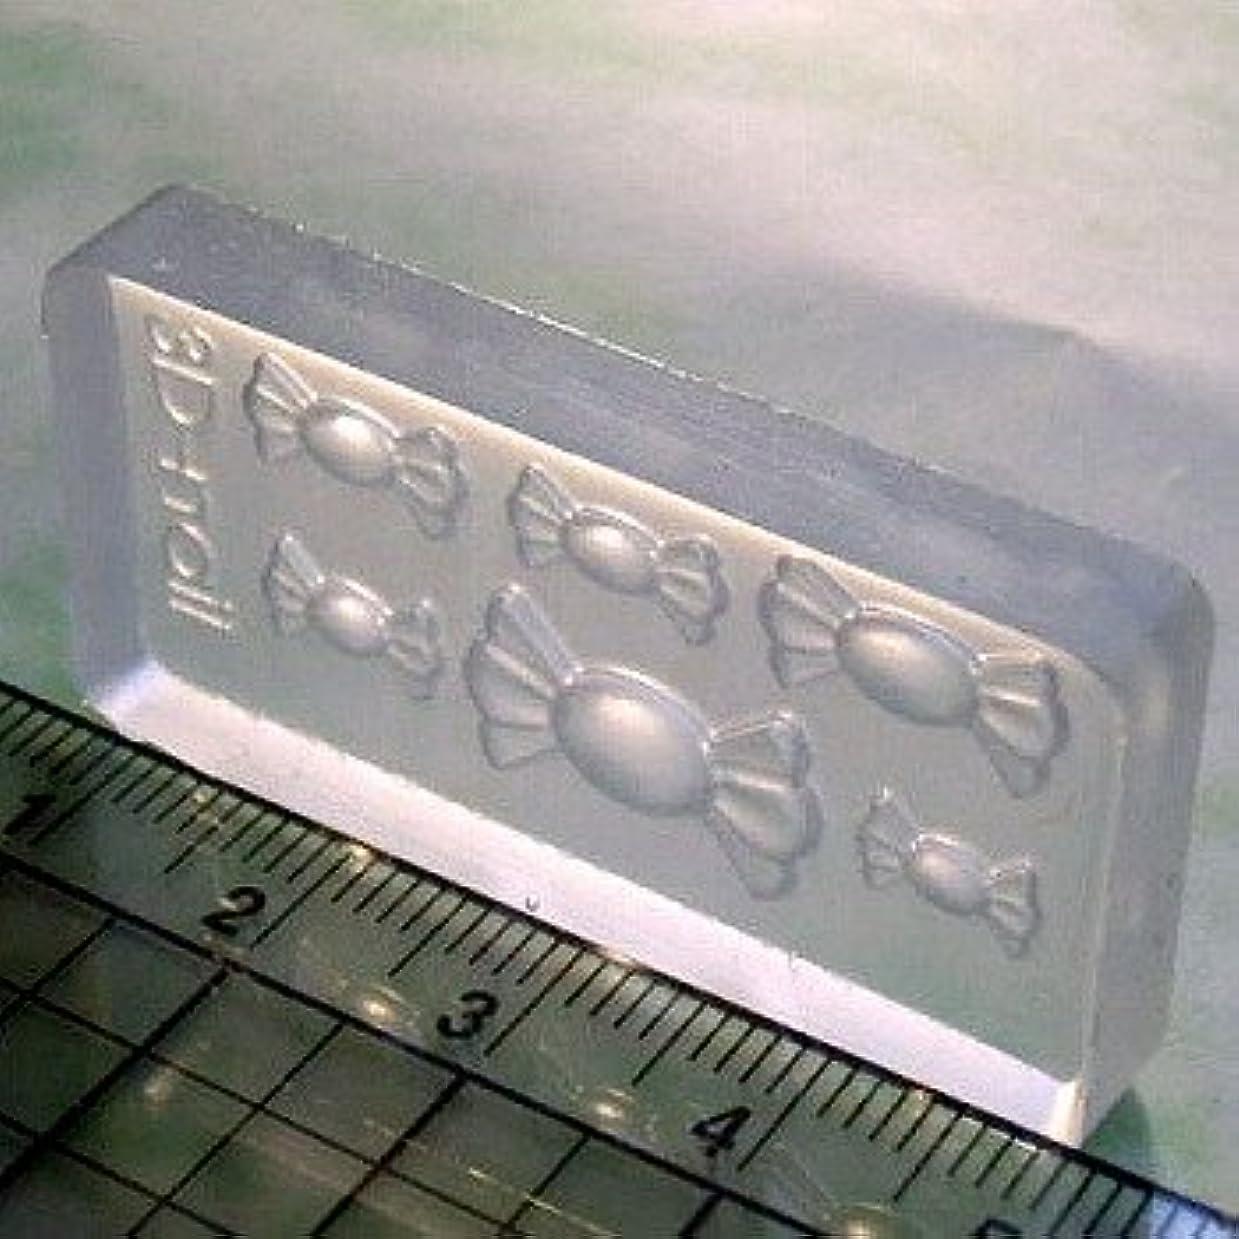 吸収剤城貢献する3Dシリコンモールド 自分でできる3Dネイル ネイルアート3D シリコン型 アクリルパウダーやジェルで簡単に!